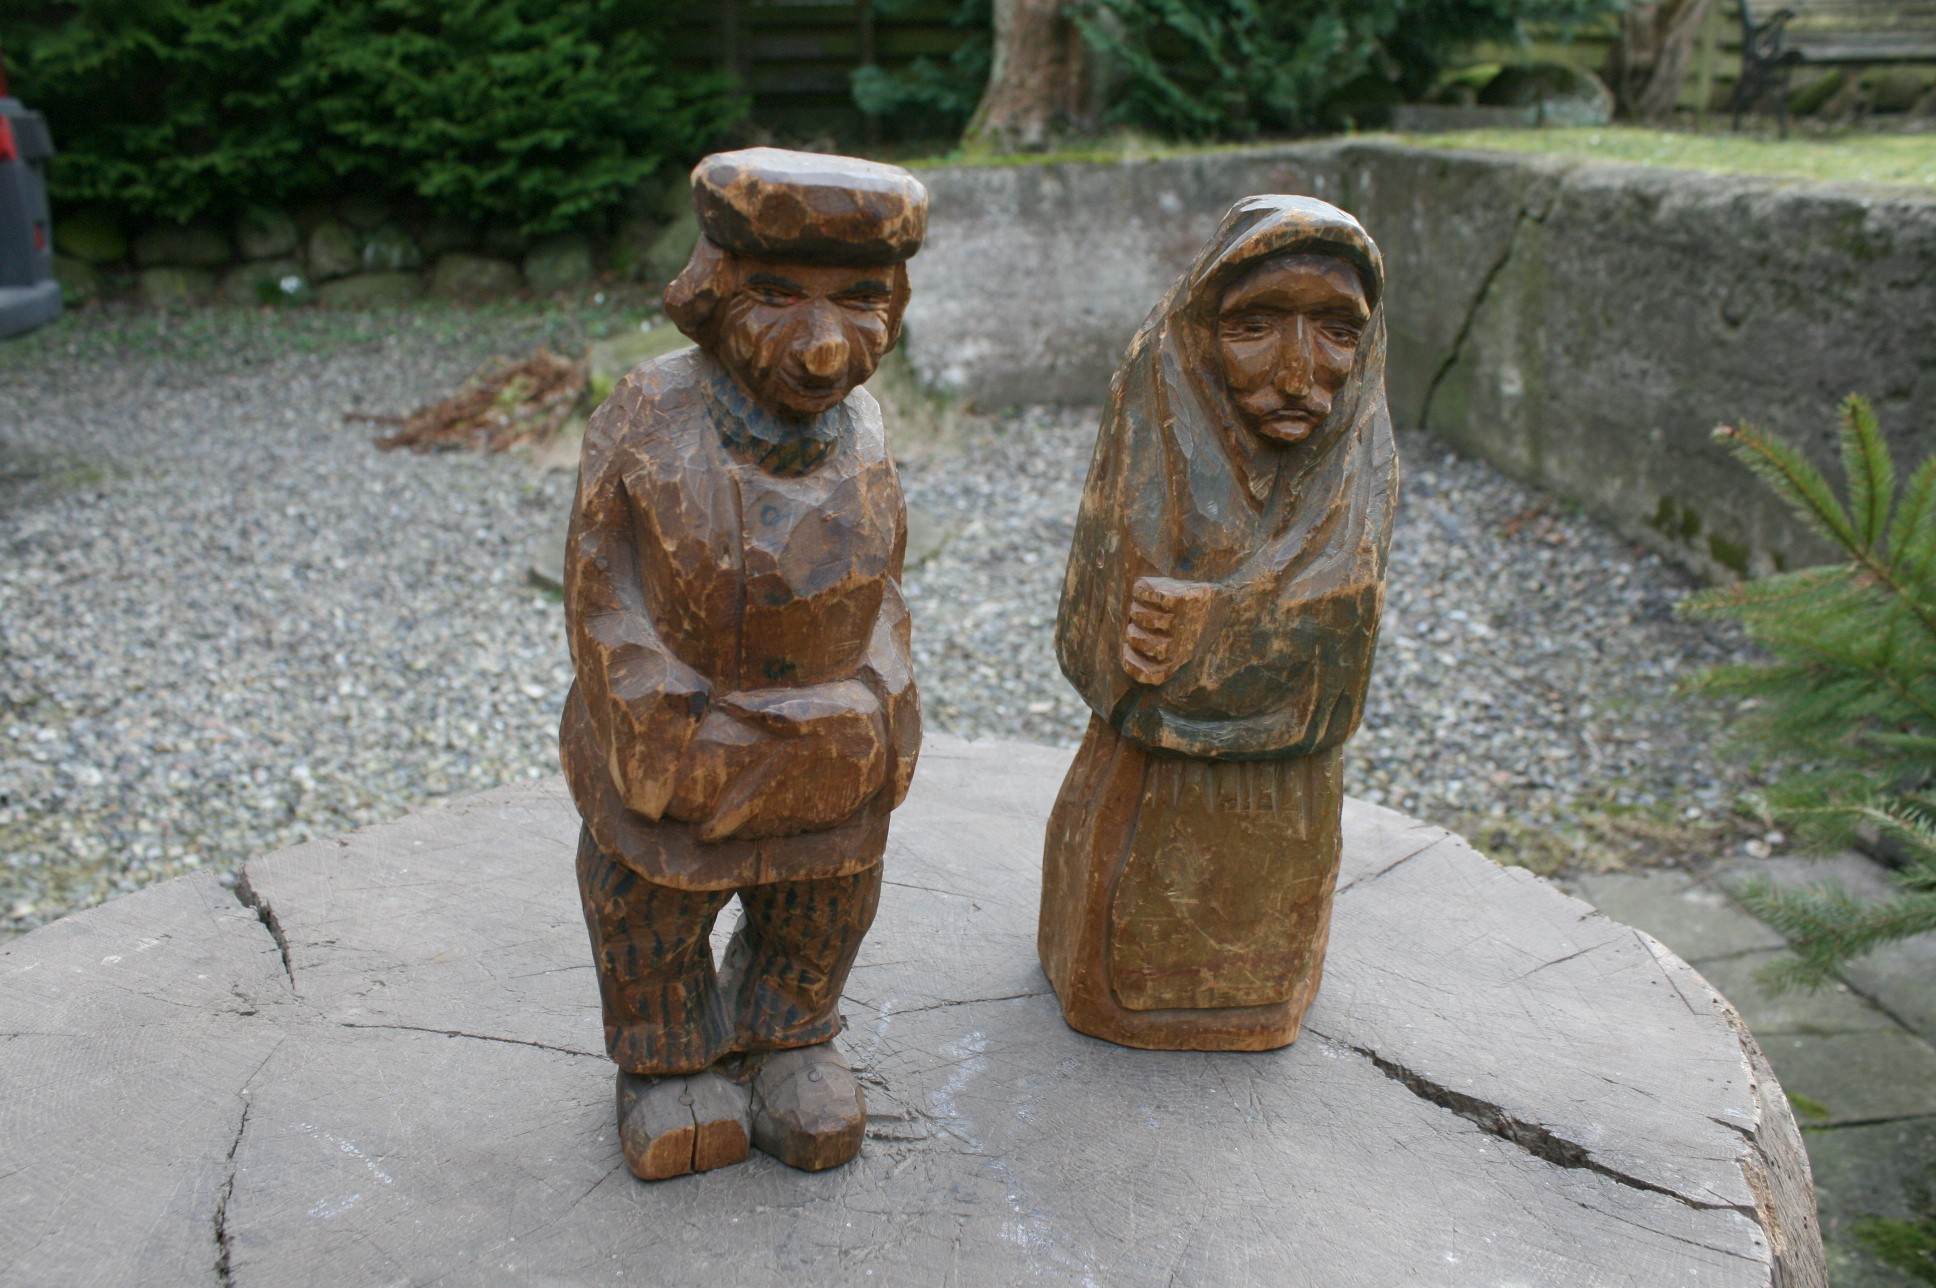 Et par svenske træfigure fra 1900 tallet.